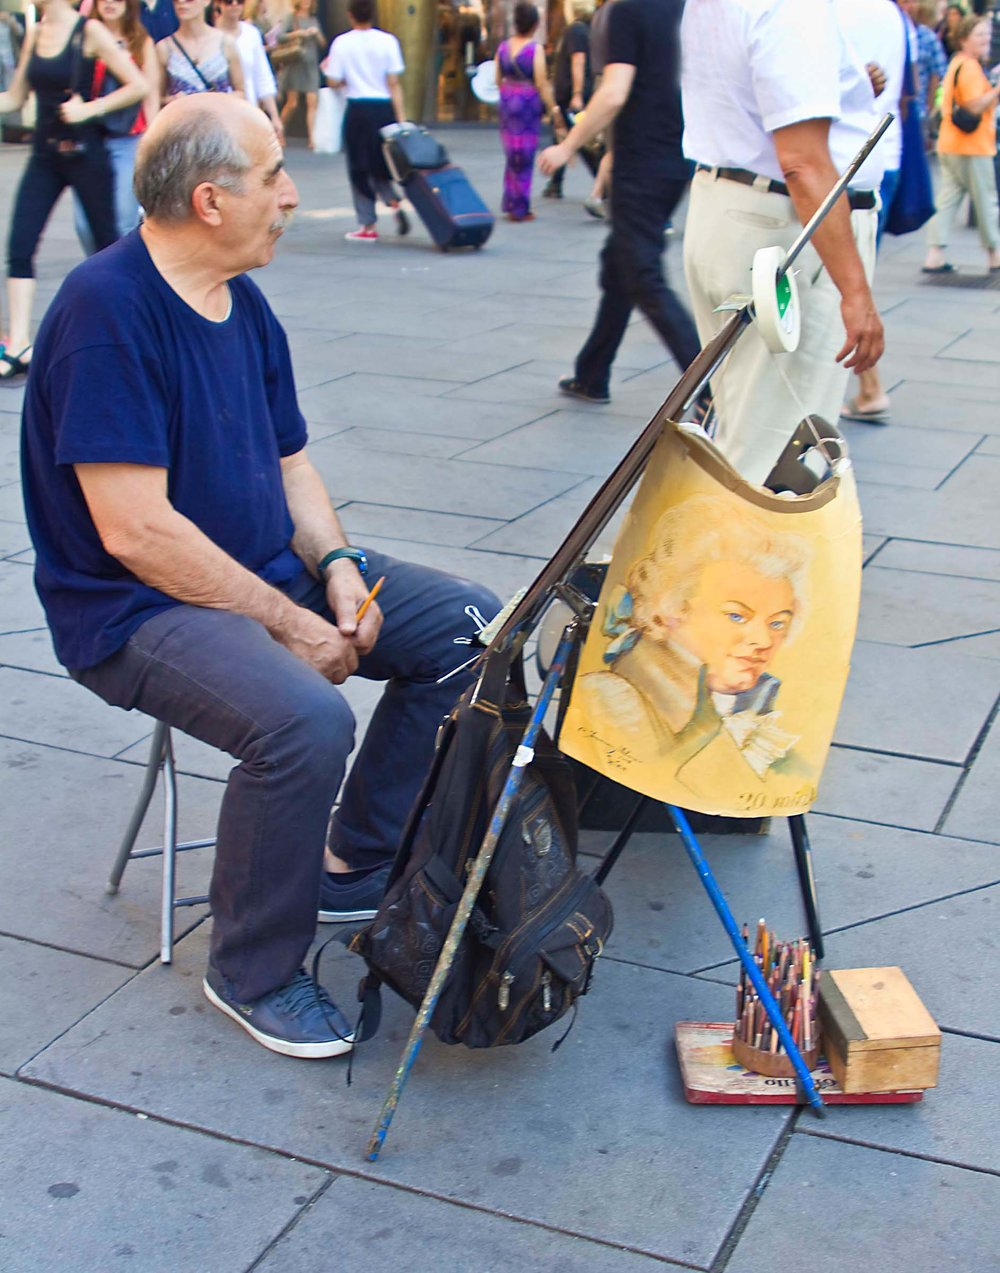 Paint your portrait?